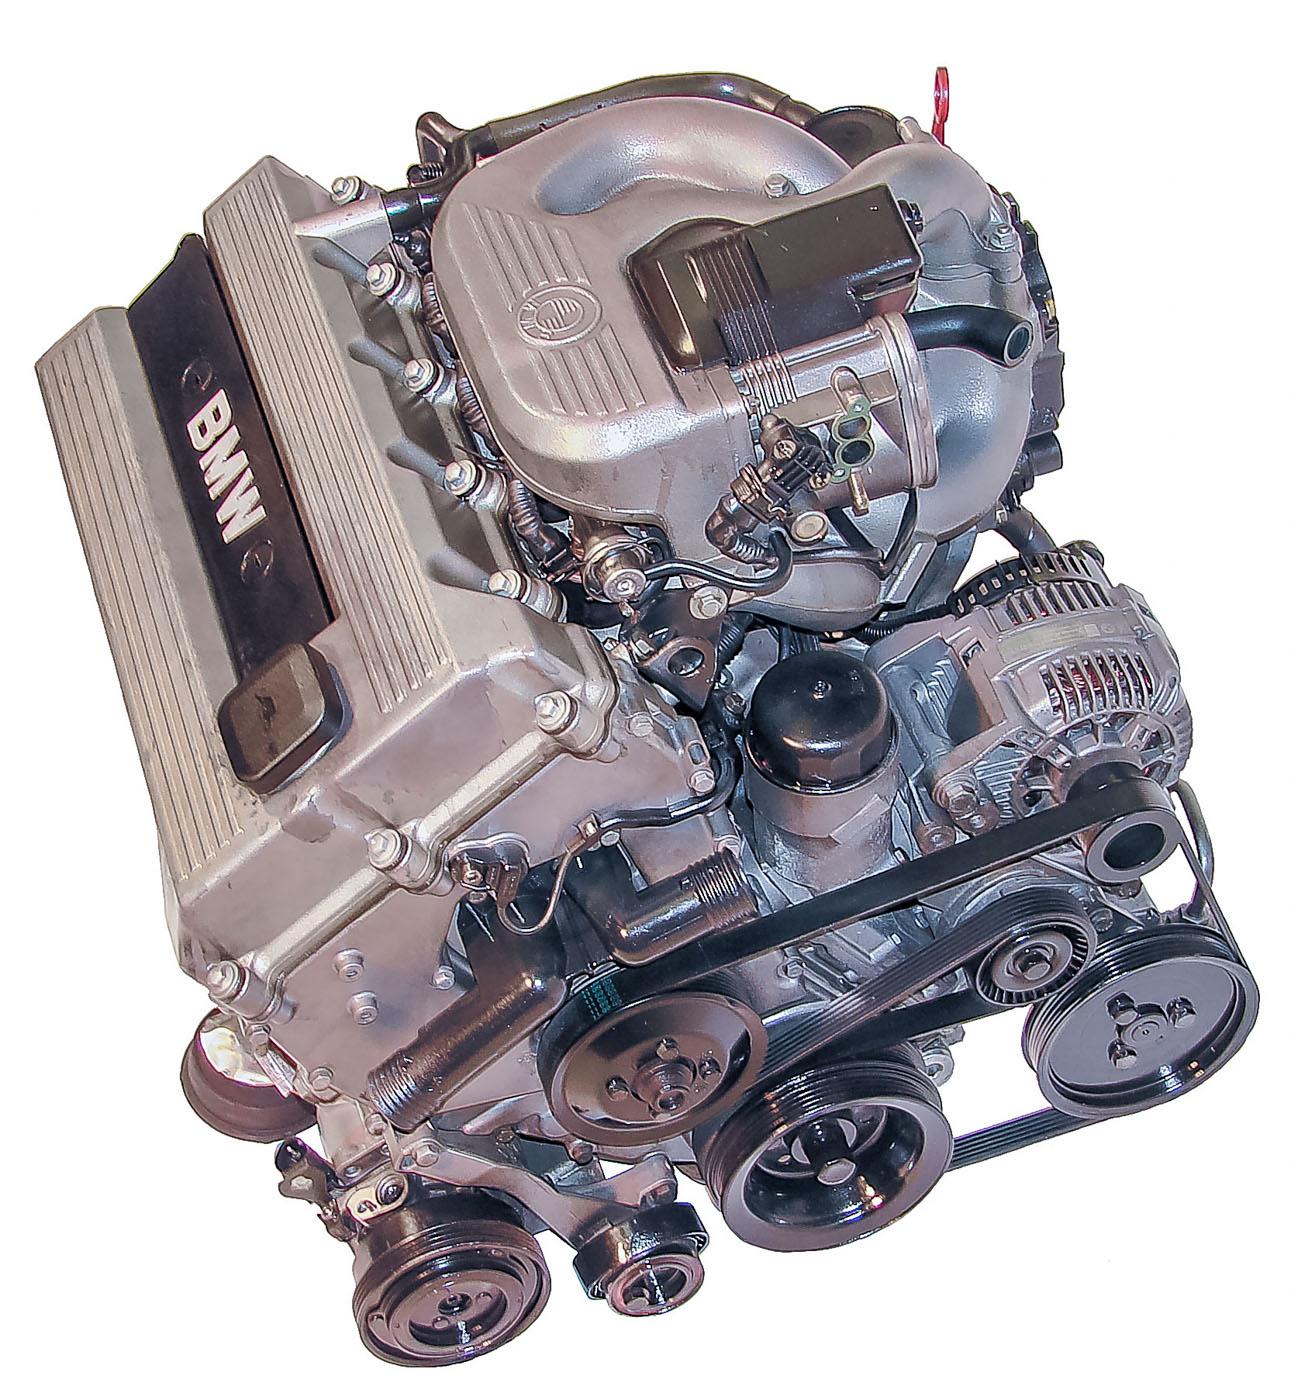 Bmw Engine on 2001 Dodge Dakota Engine